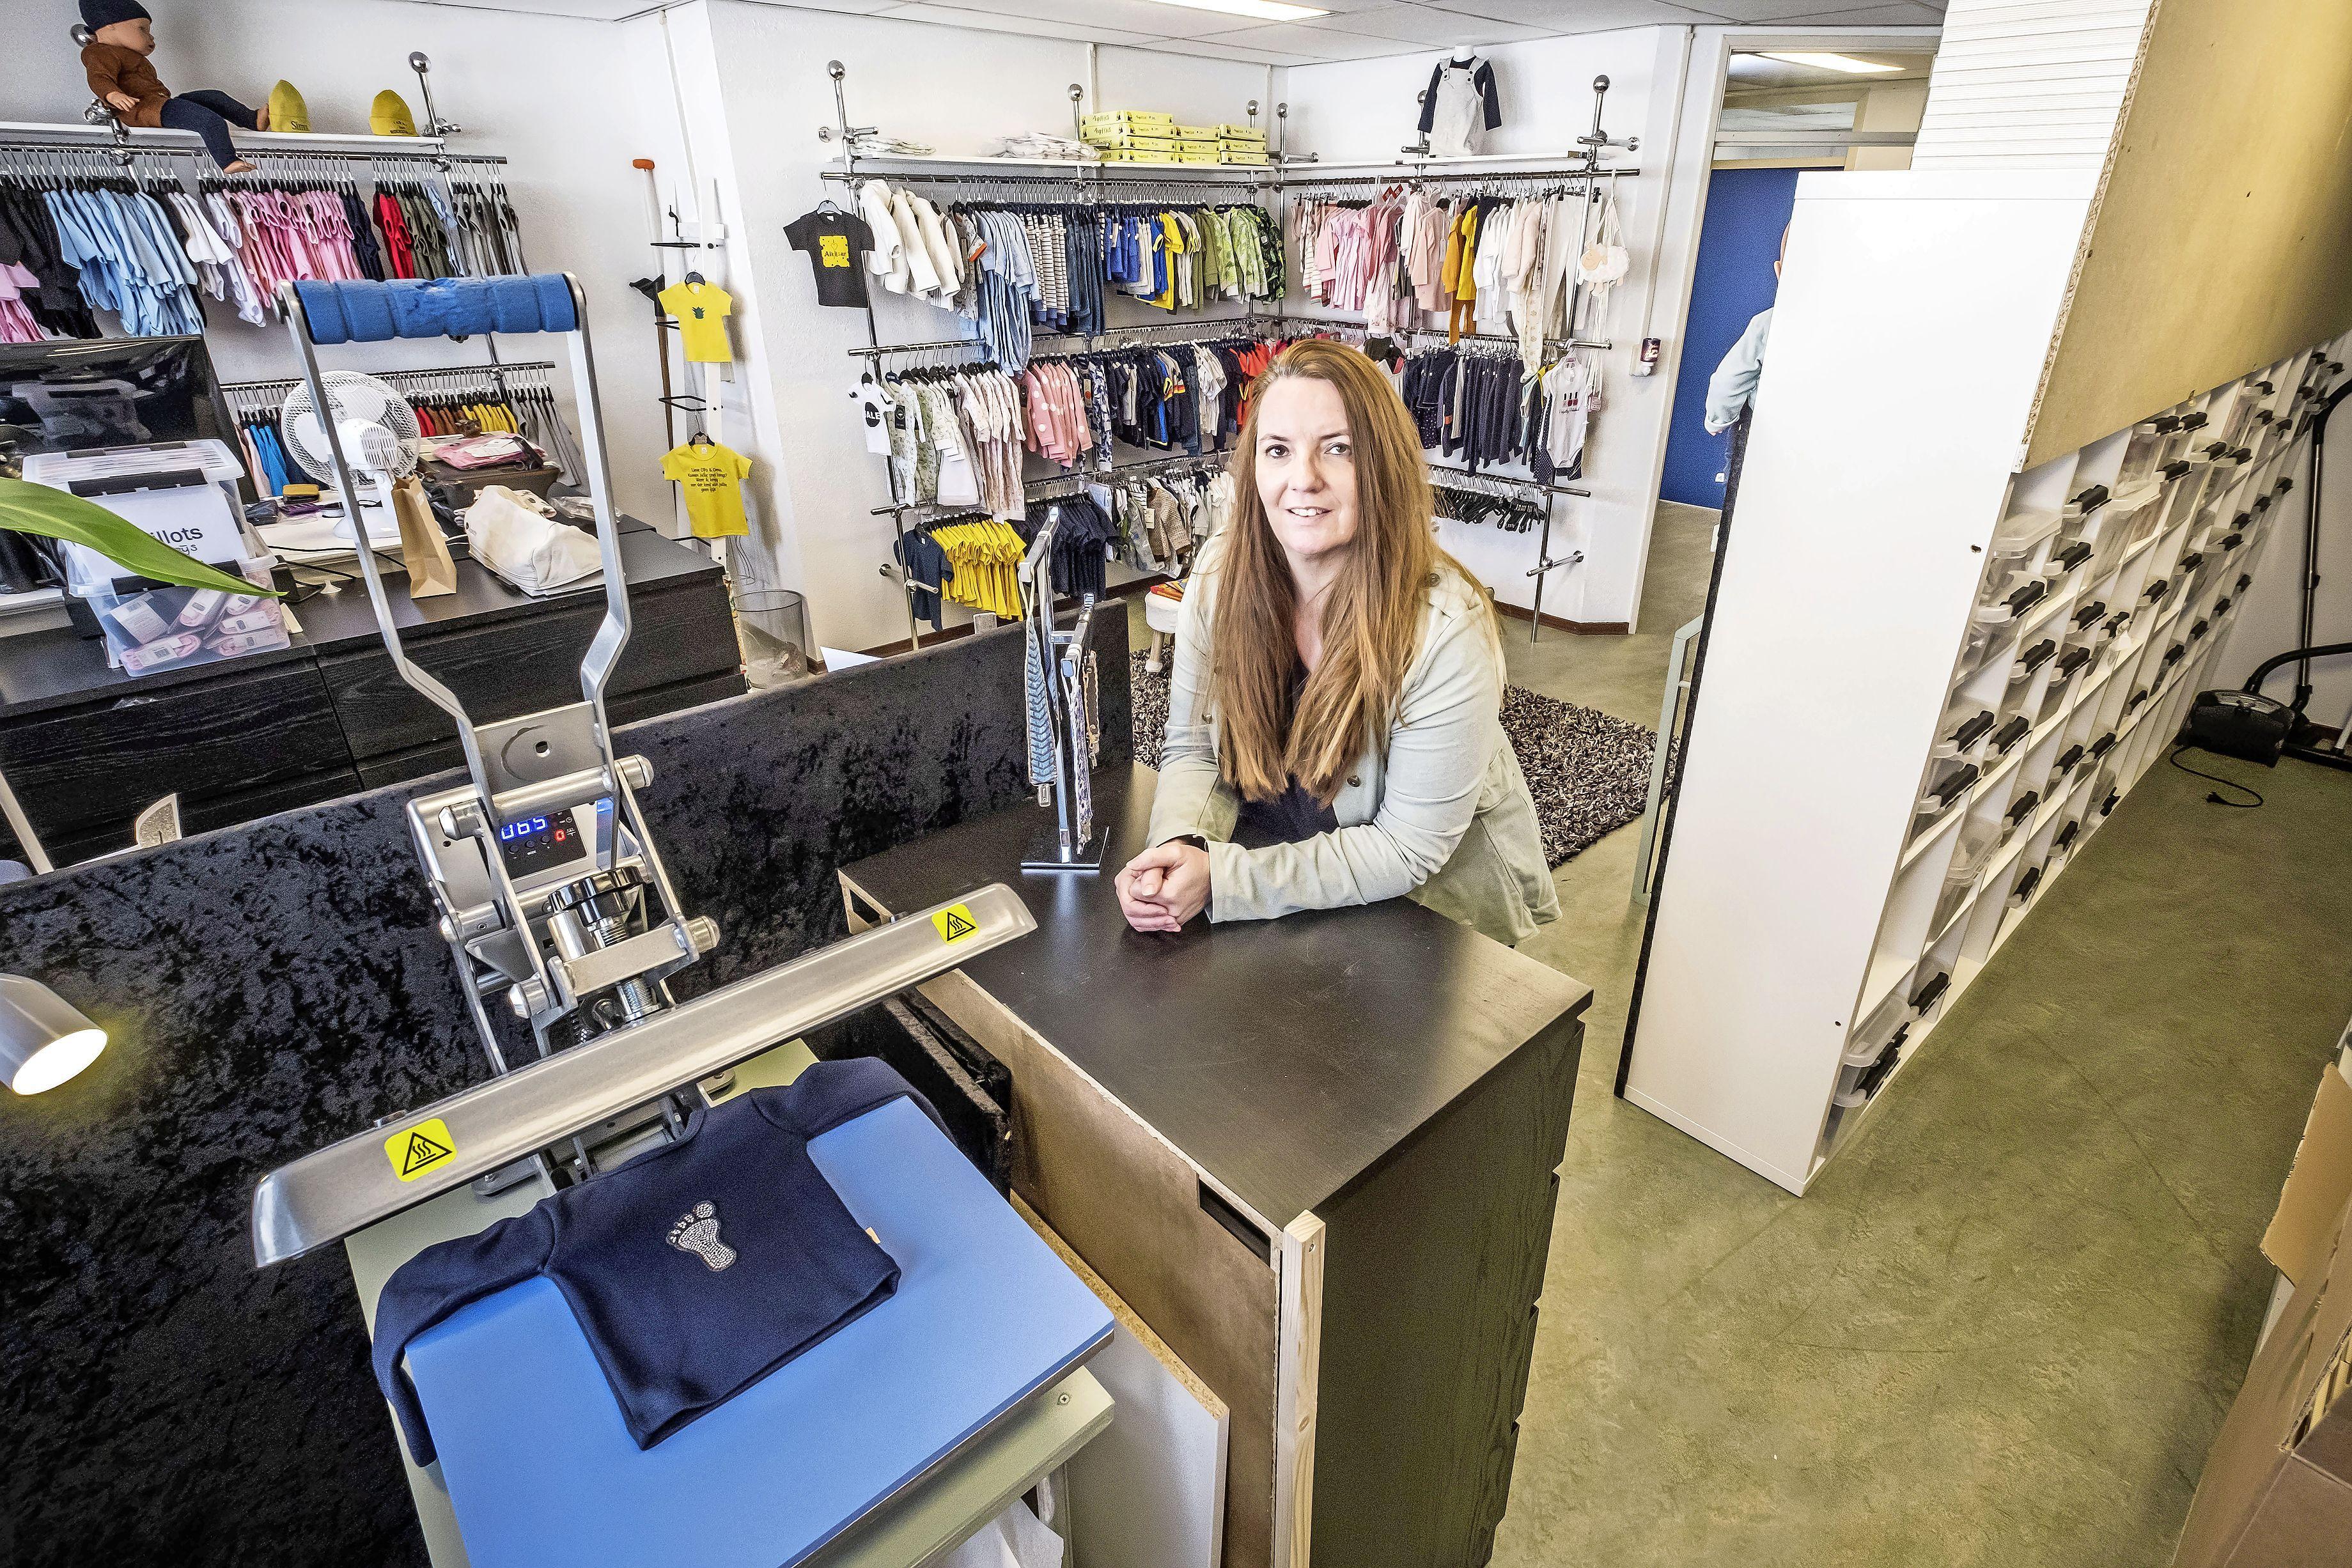 'Ik ben niet zielig, struggles horen bij het leven', zegt Ing Steenbeek. Maar haar babykledingwinkeltje is weg uit de stad, de lockdown duurt te lang